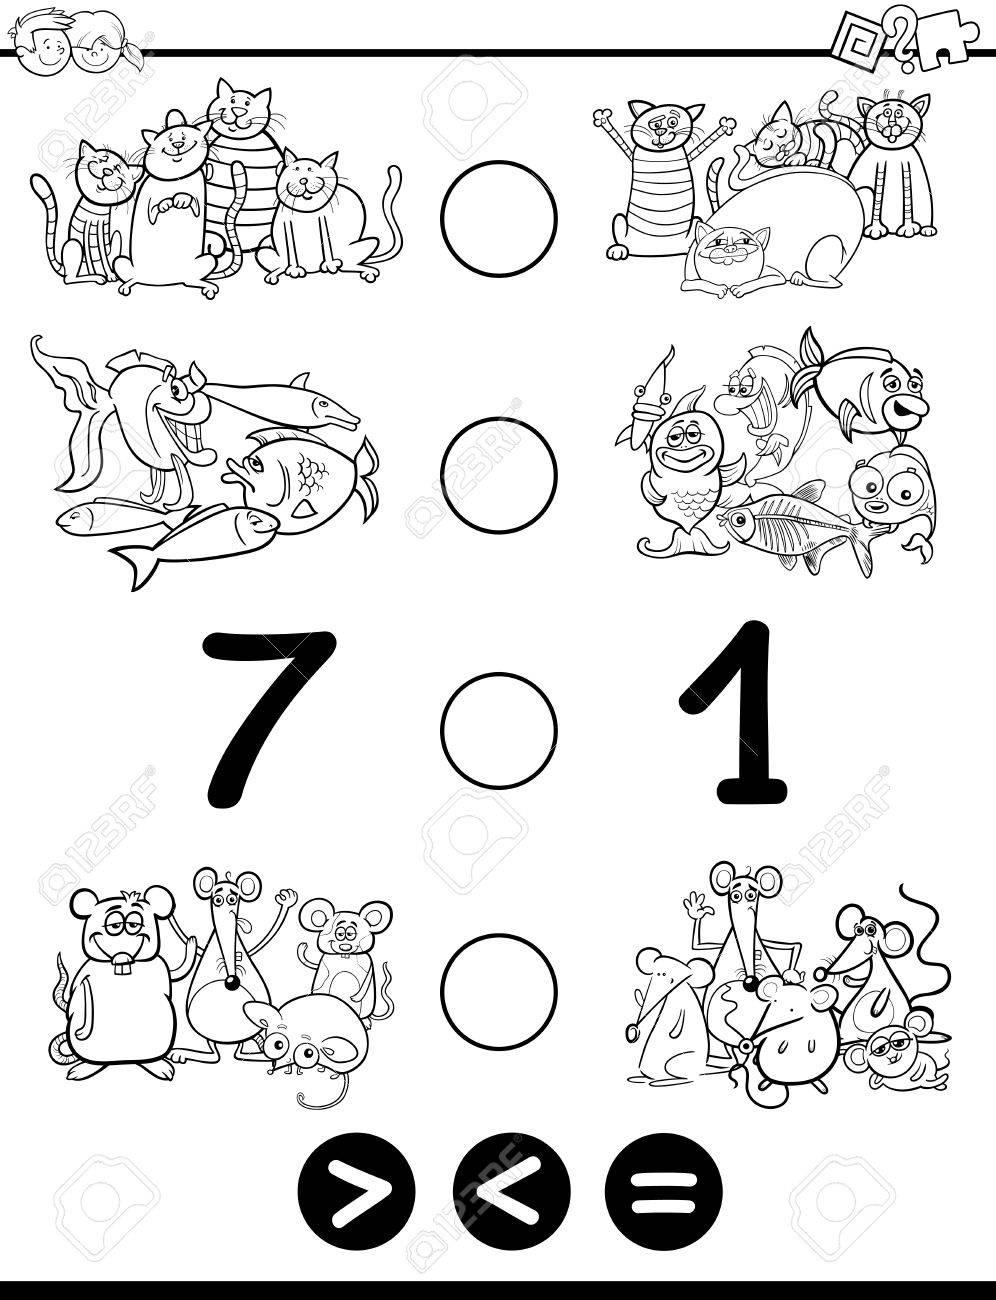 Schwarz Und Weiß Karikatur Illustration Of Educational Mathematische ...